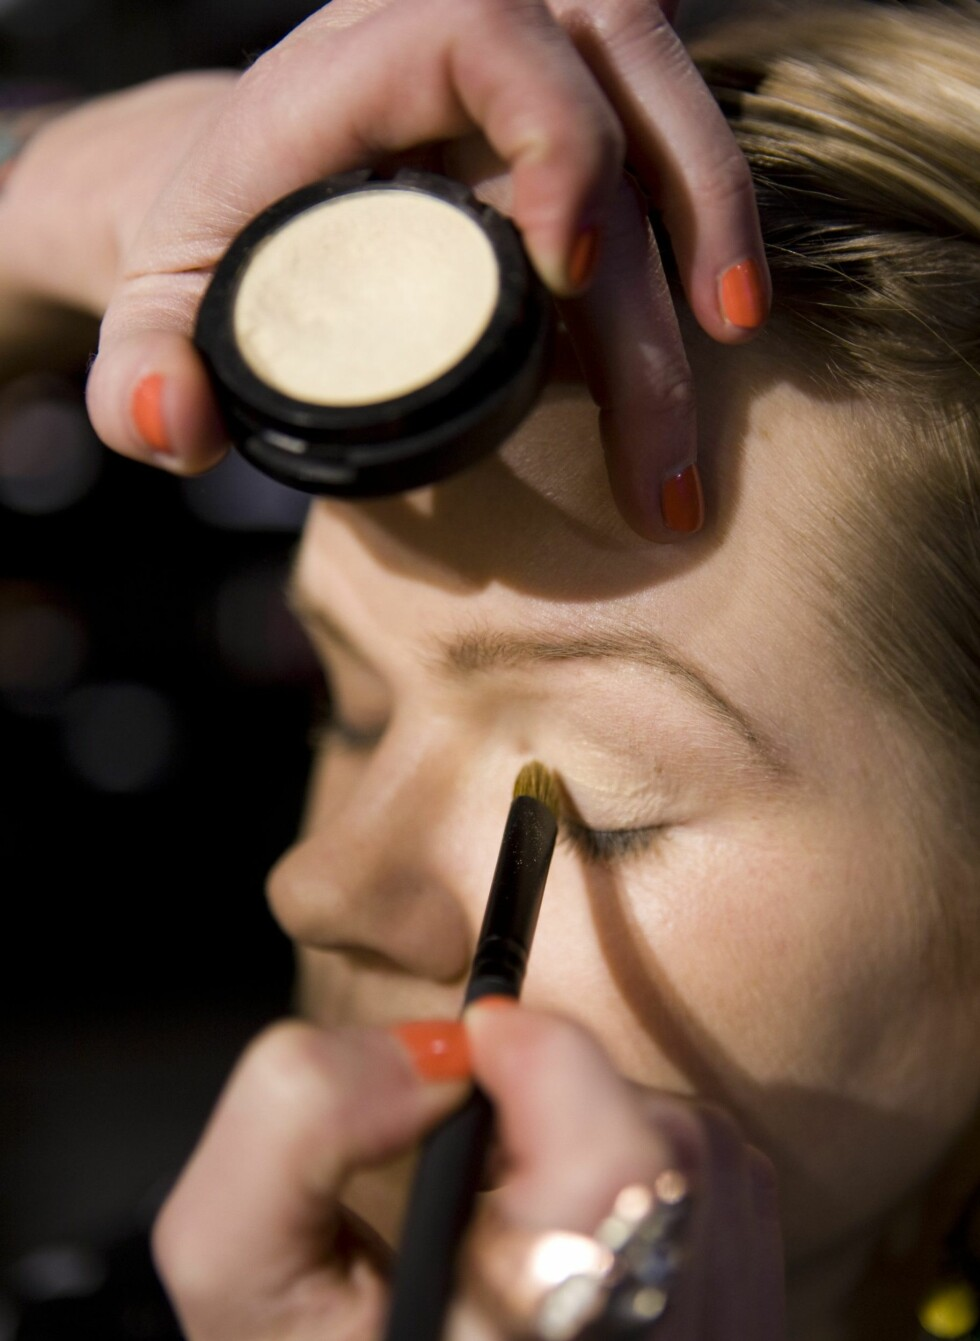 Først legger hun den lyse fargen, Take Off, over hele øyelokket. Fra vippekanten og helt opp til brynet. Foto: Per Ervland